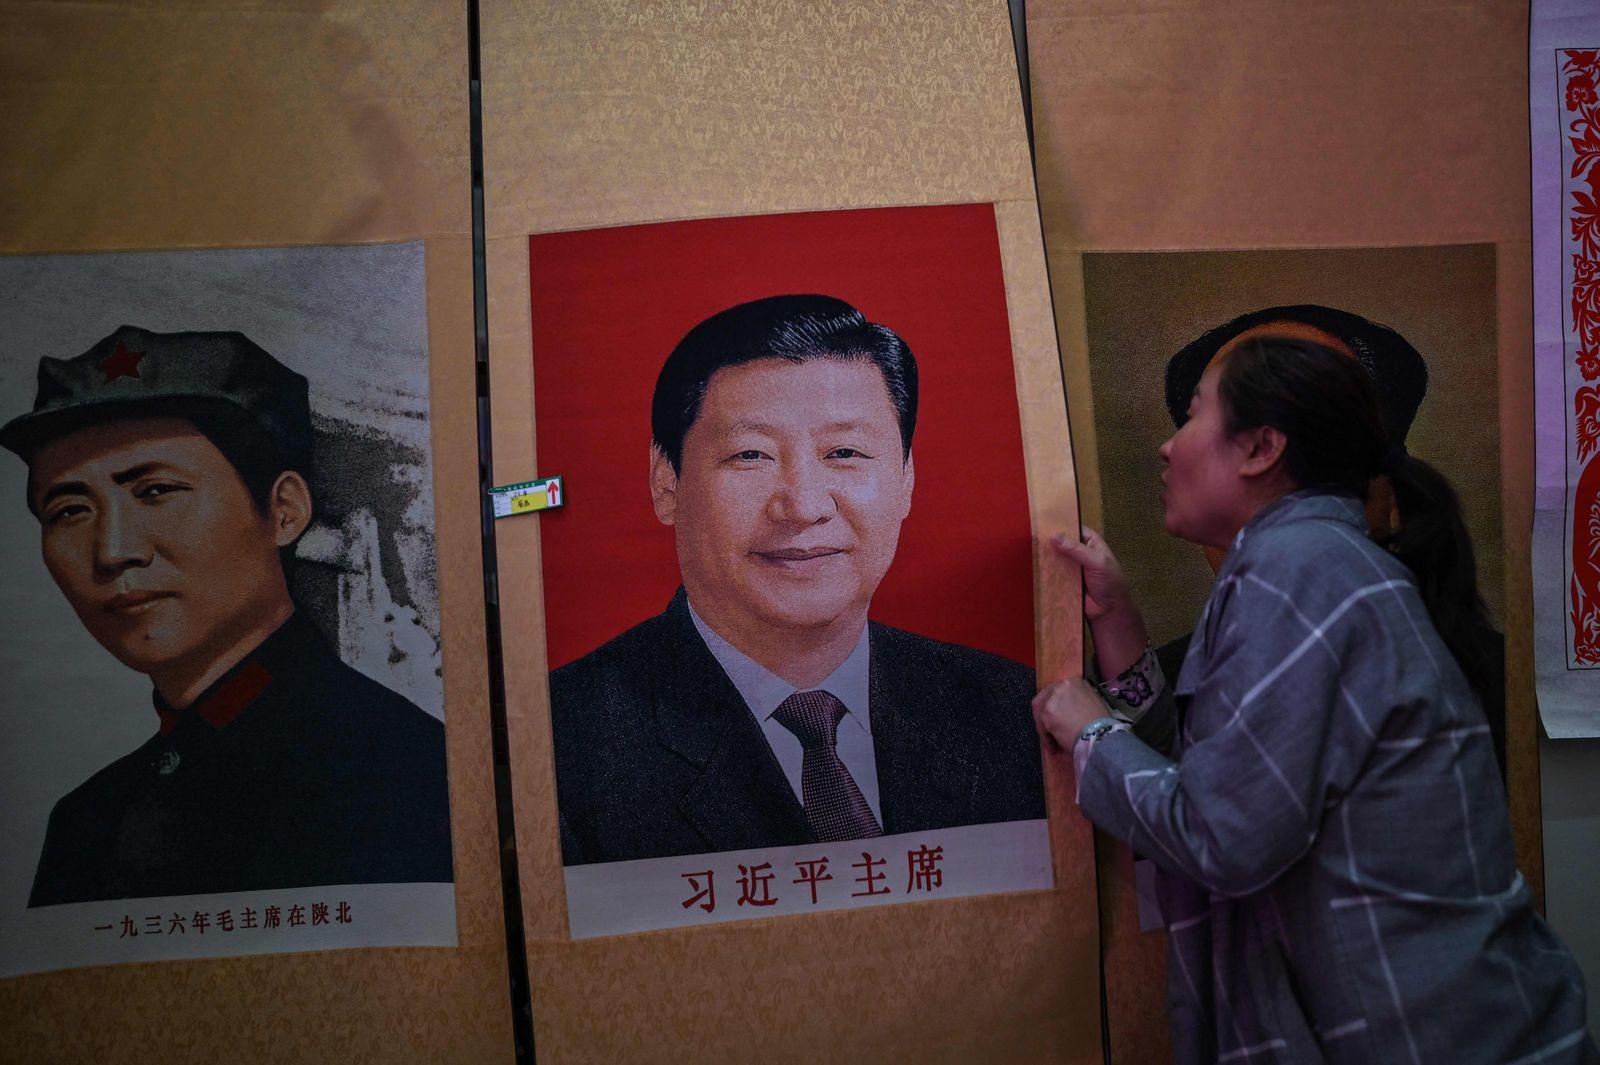 CHINA-POLITICS-ANNIVERSARY